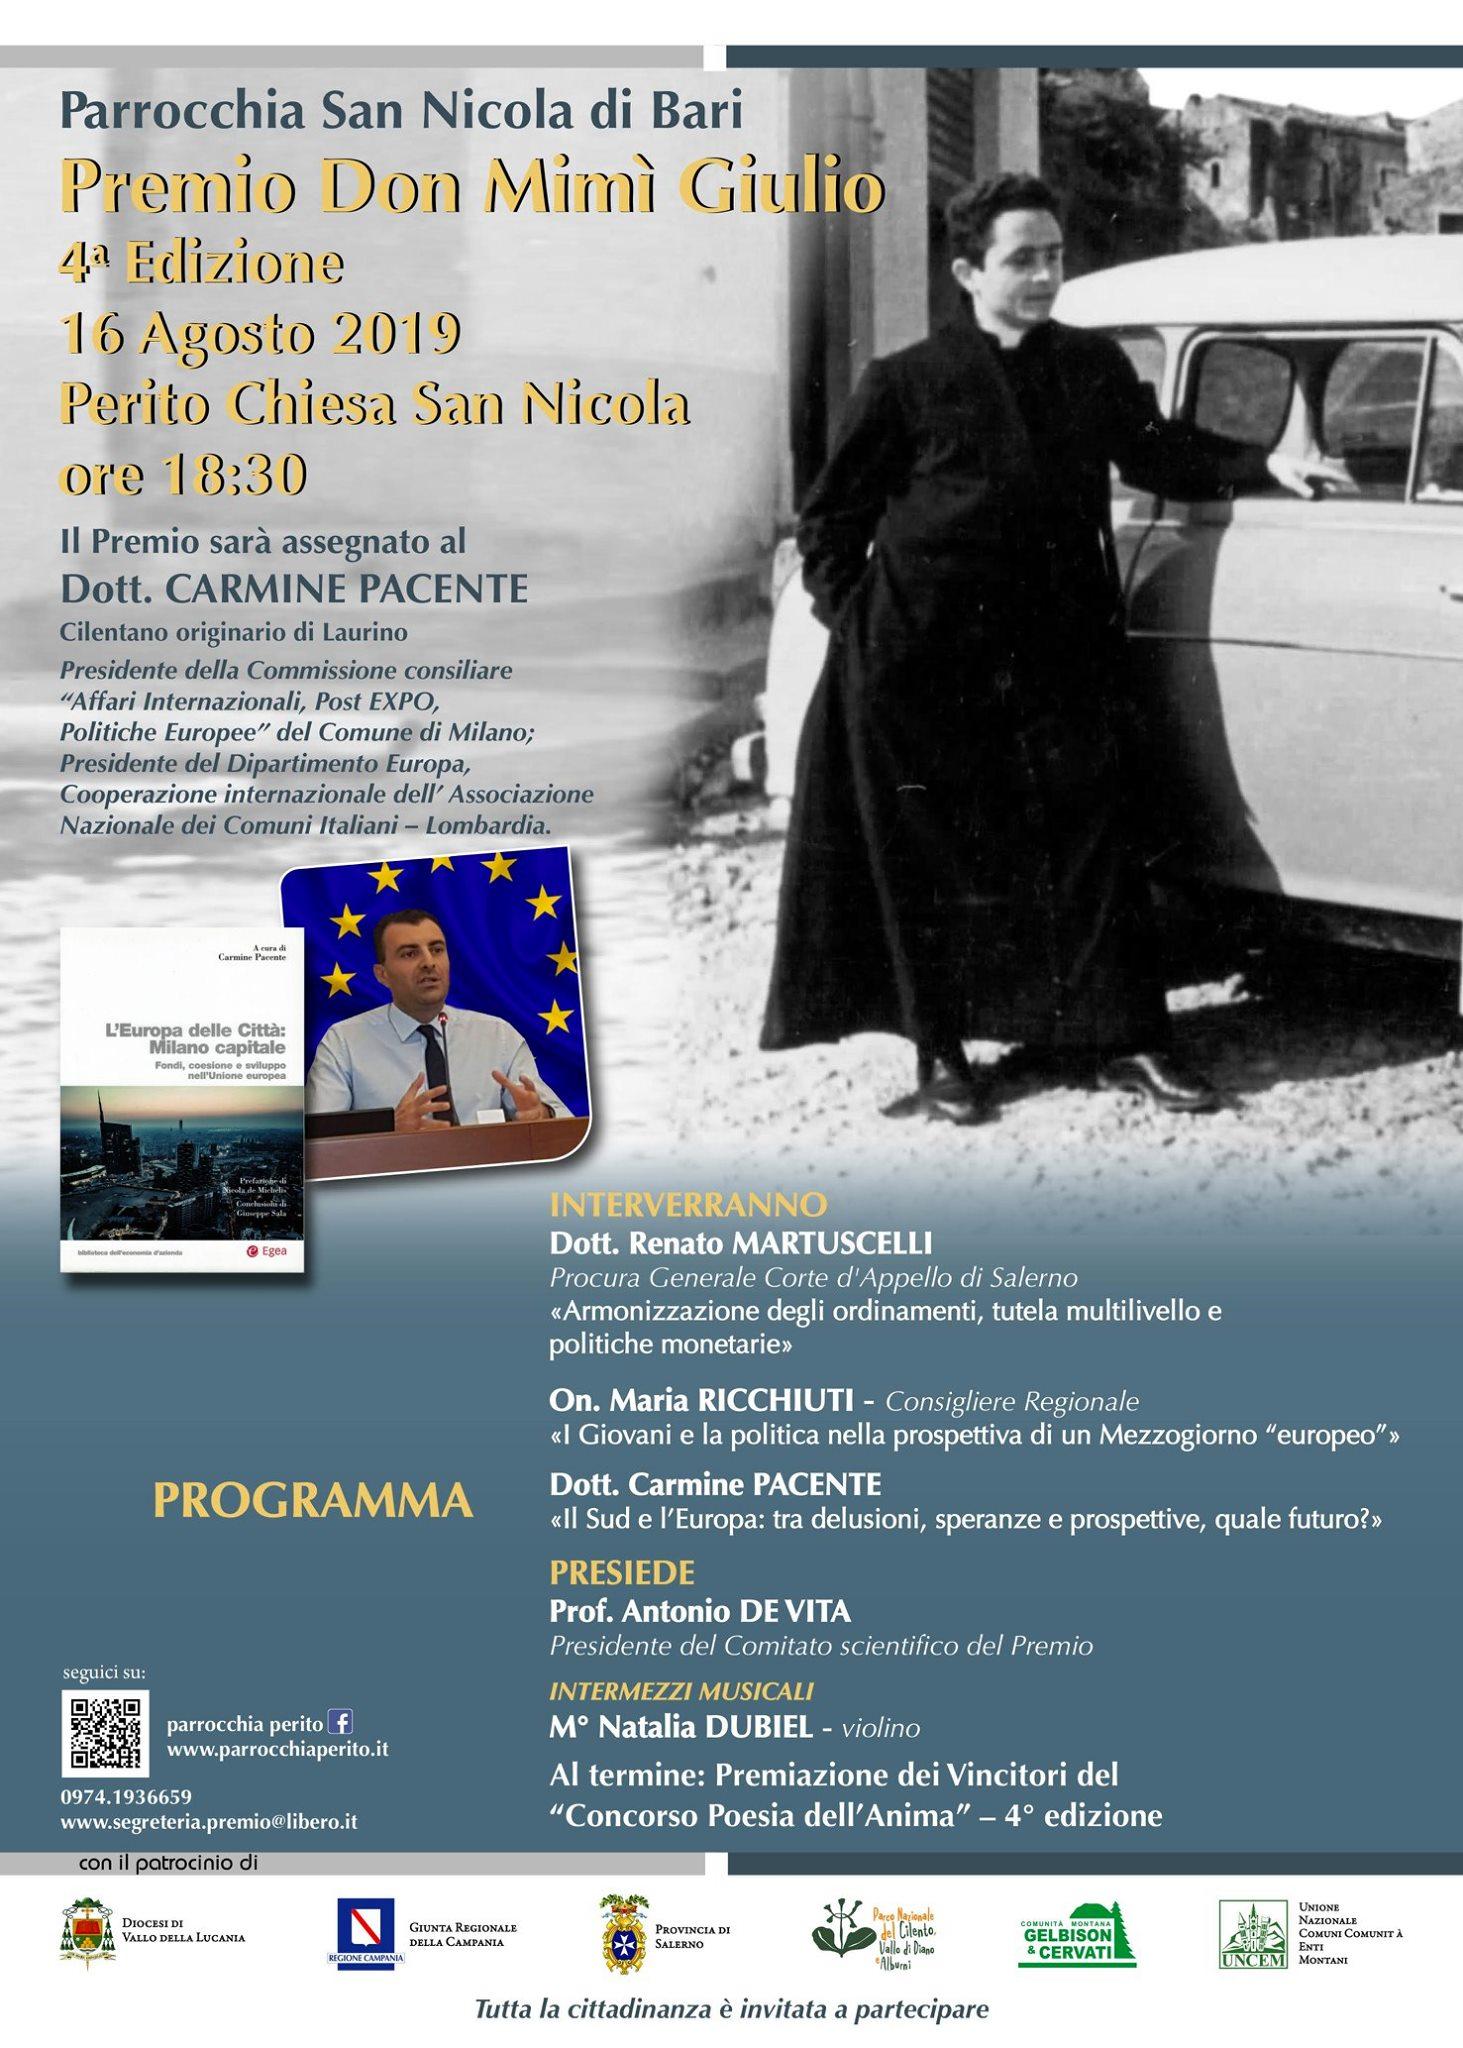 Premio Don Mimì Giulio 2019 - Perito (Sa)